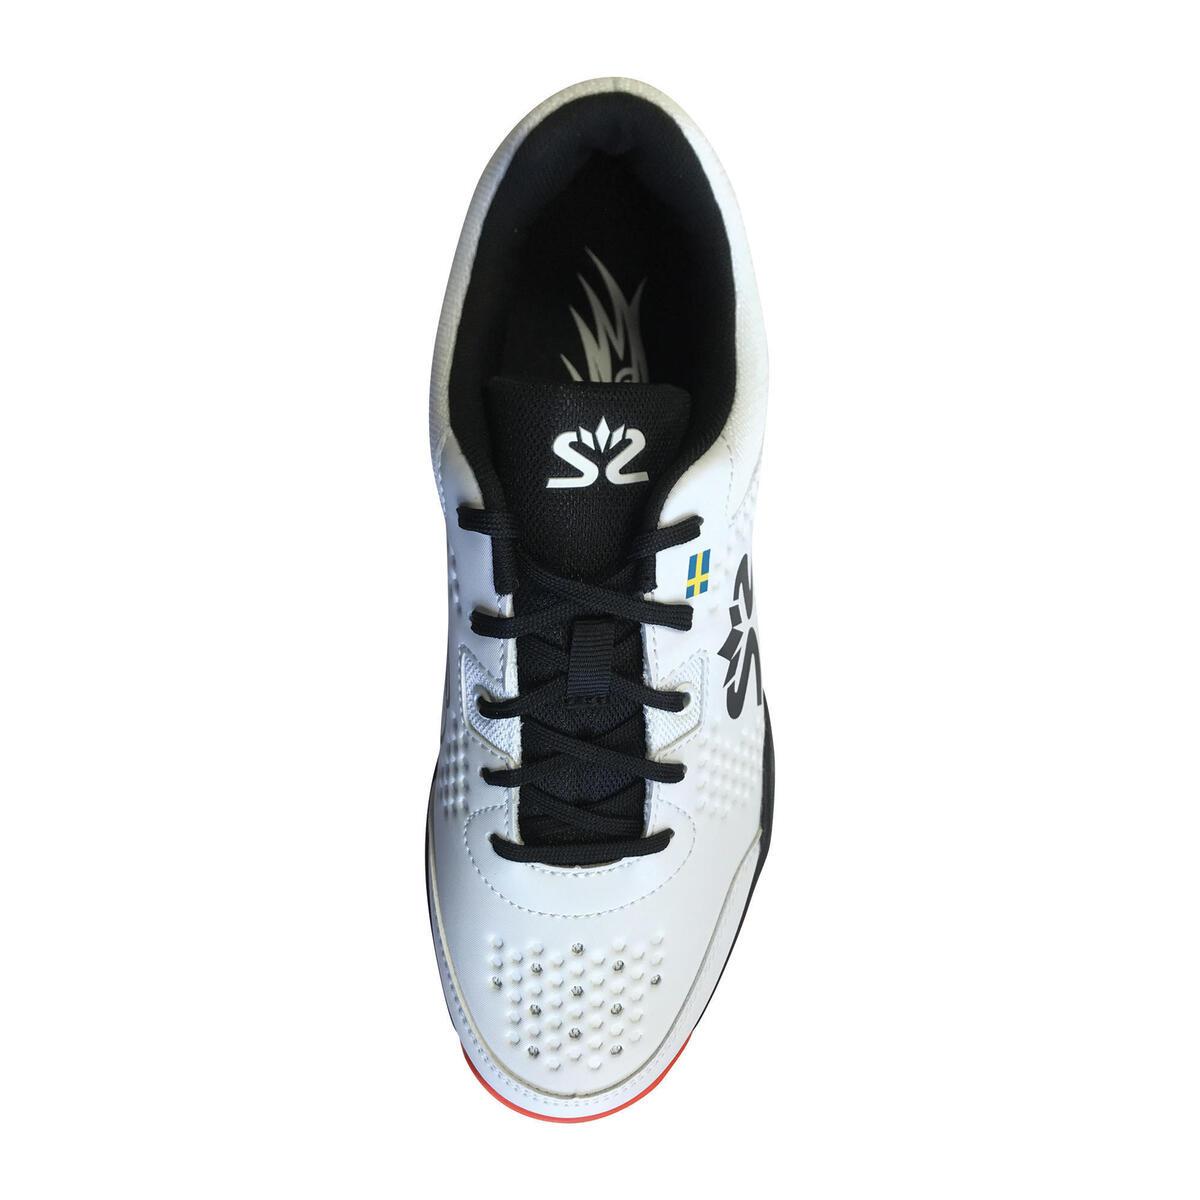 Bild 4 von Squash-Schuhe Hawk Court Indoor Herren